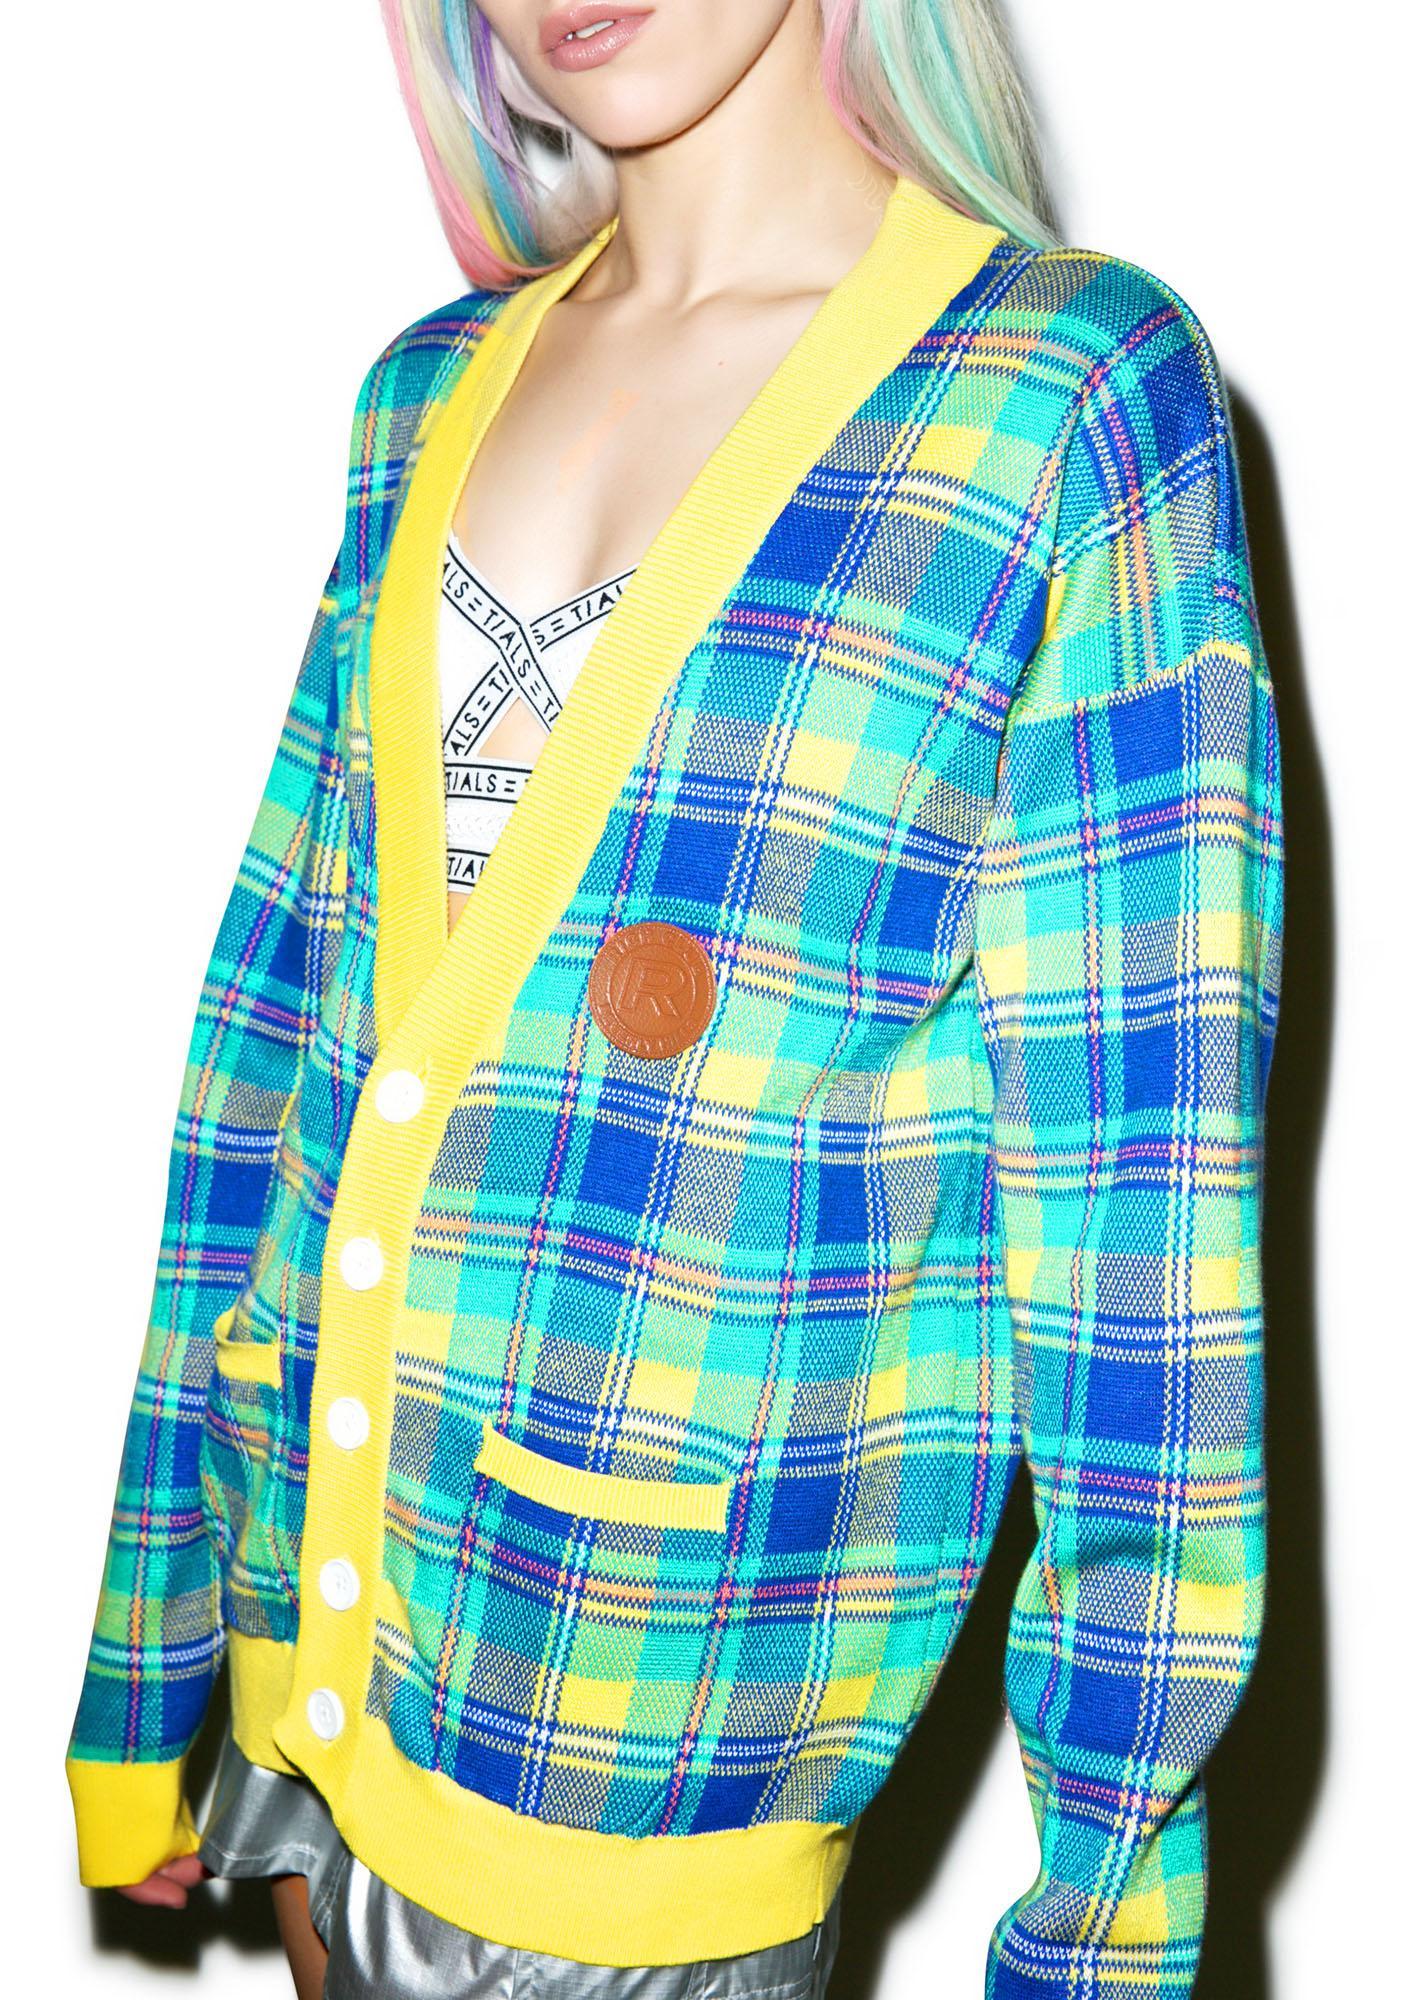 Joyrich Prep Raid Knit Cardigan